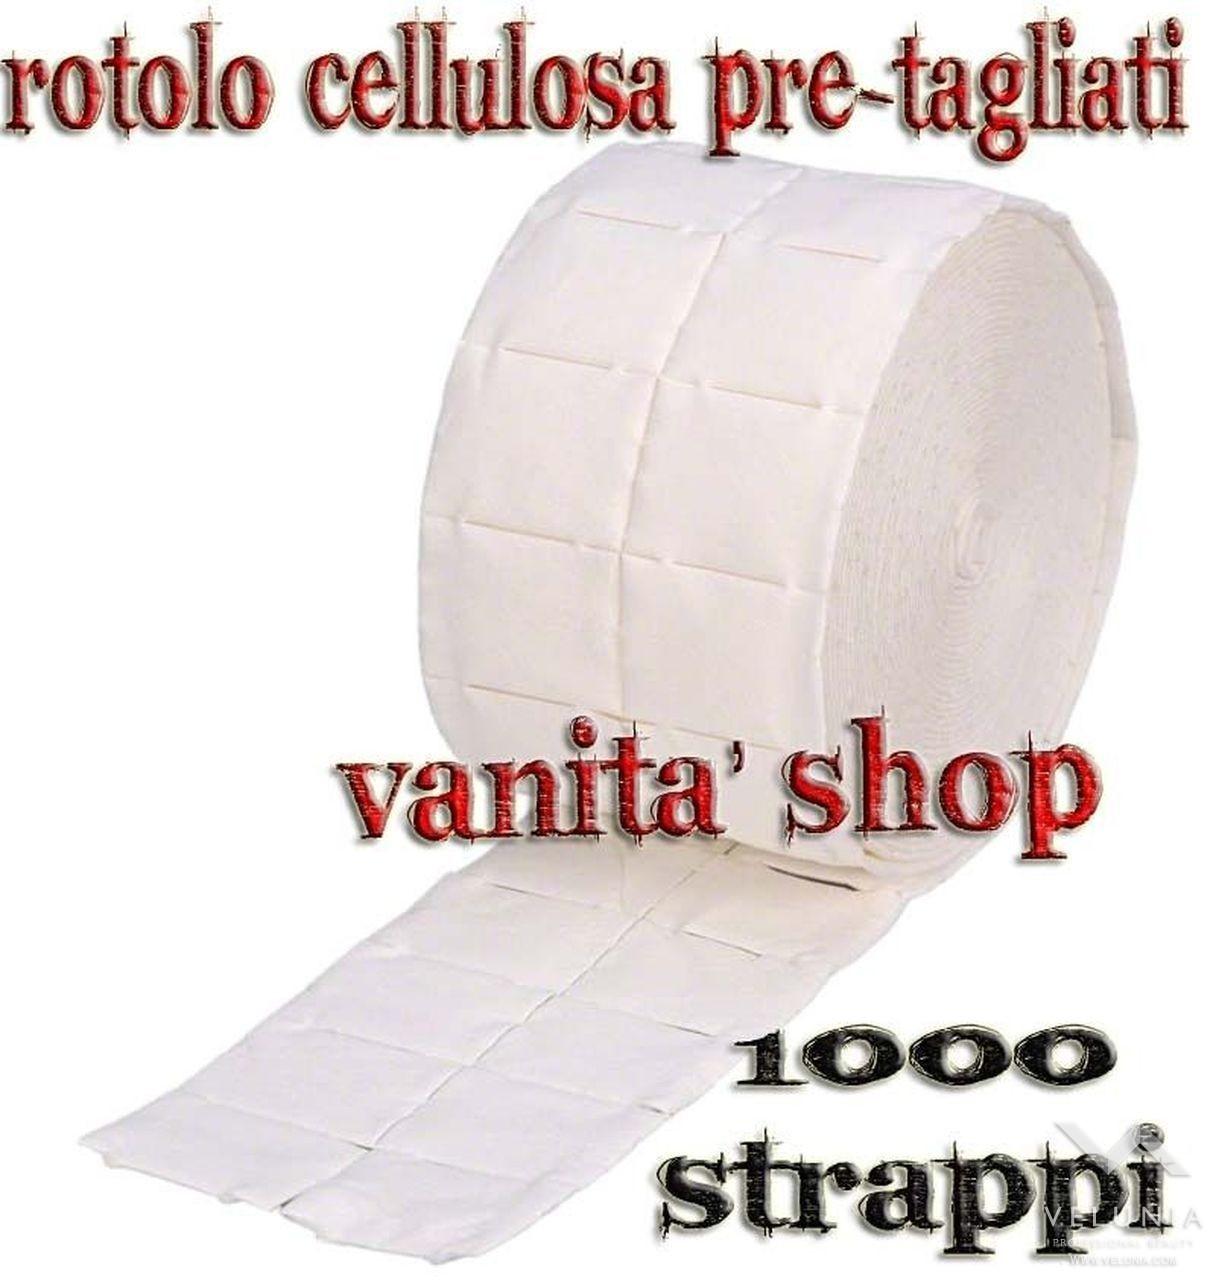 ROTOLO 1000 PADS DI CARTA CELLULOSA PER RICOSTRUZIONE UNGHIE 1